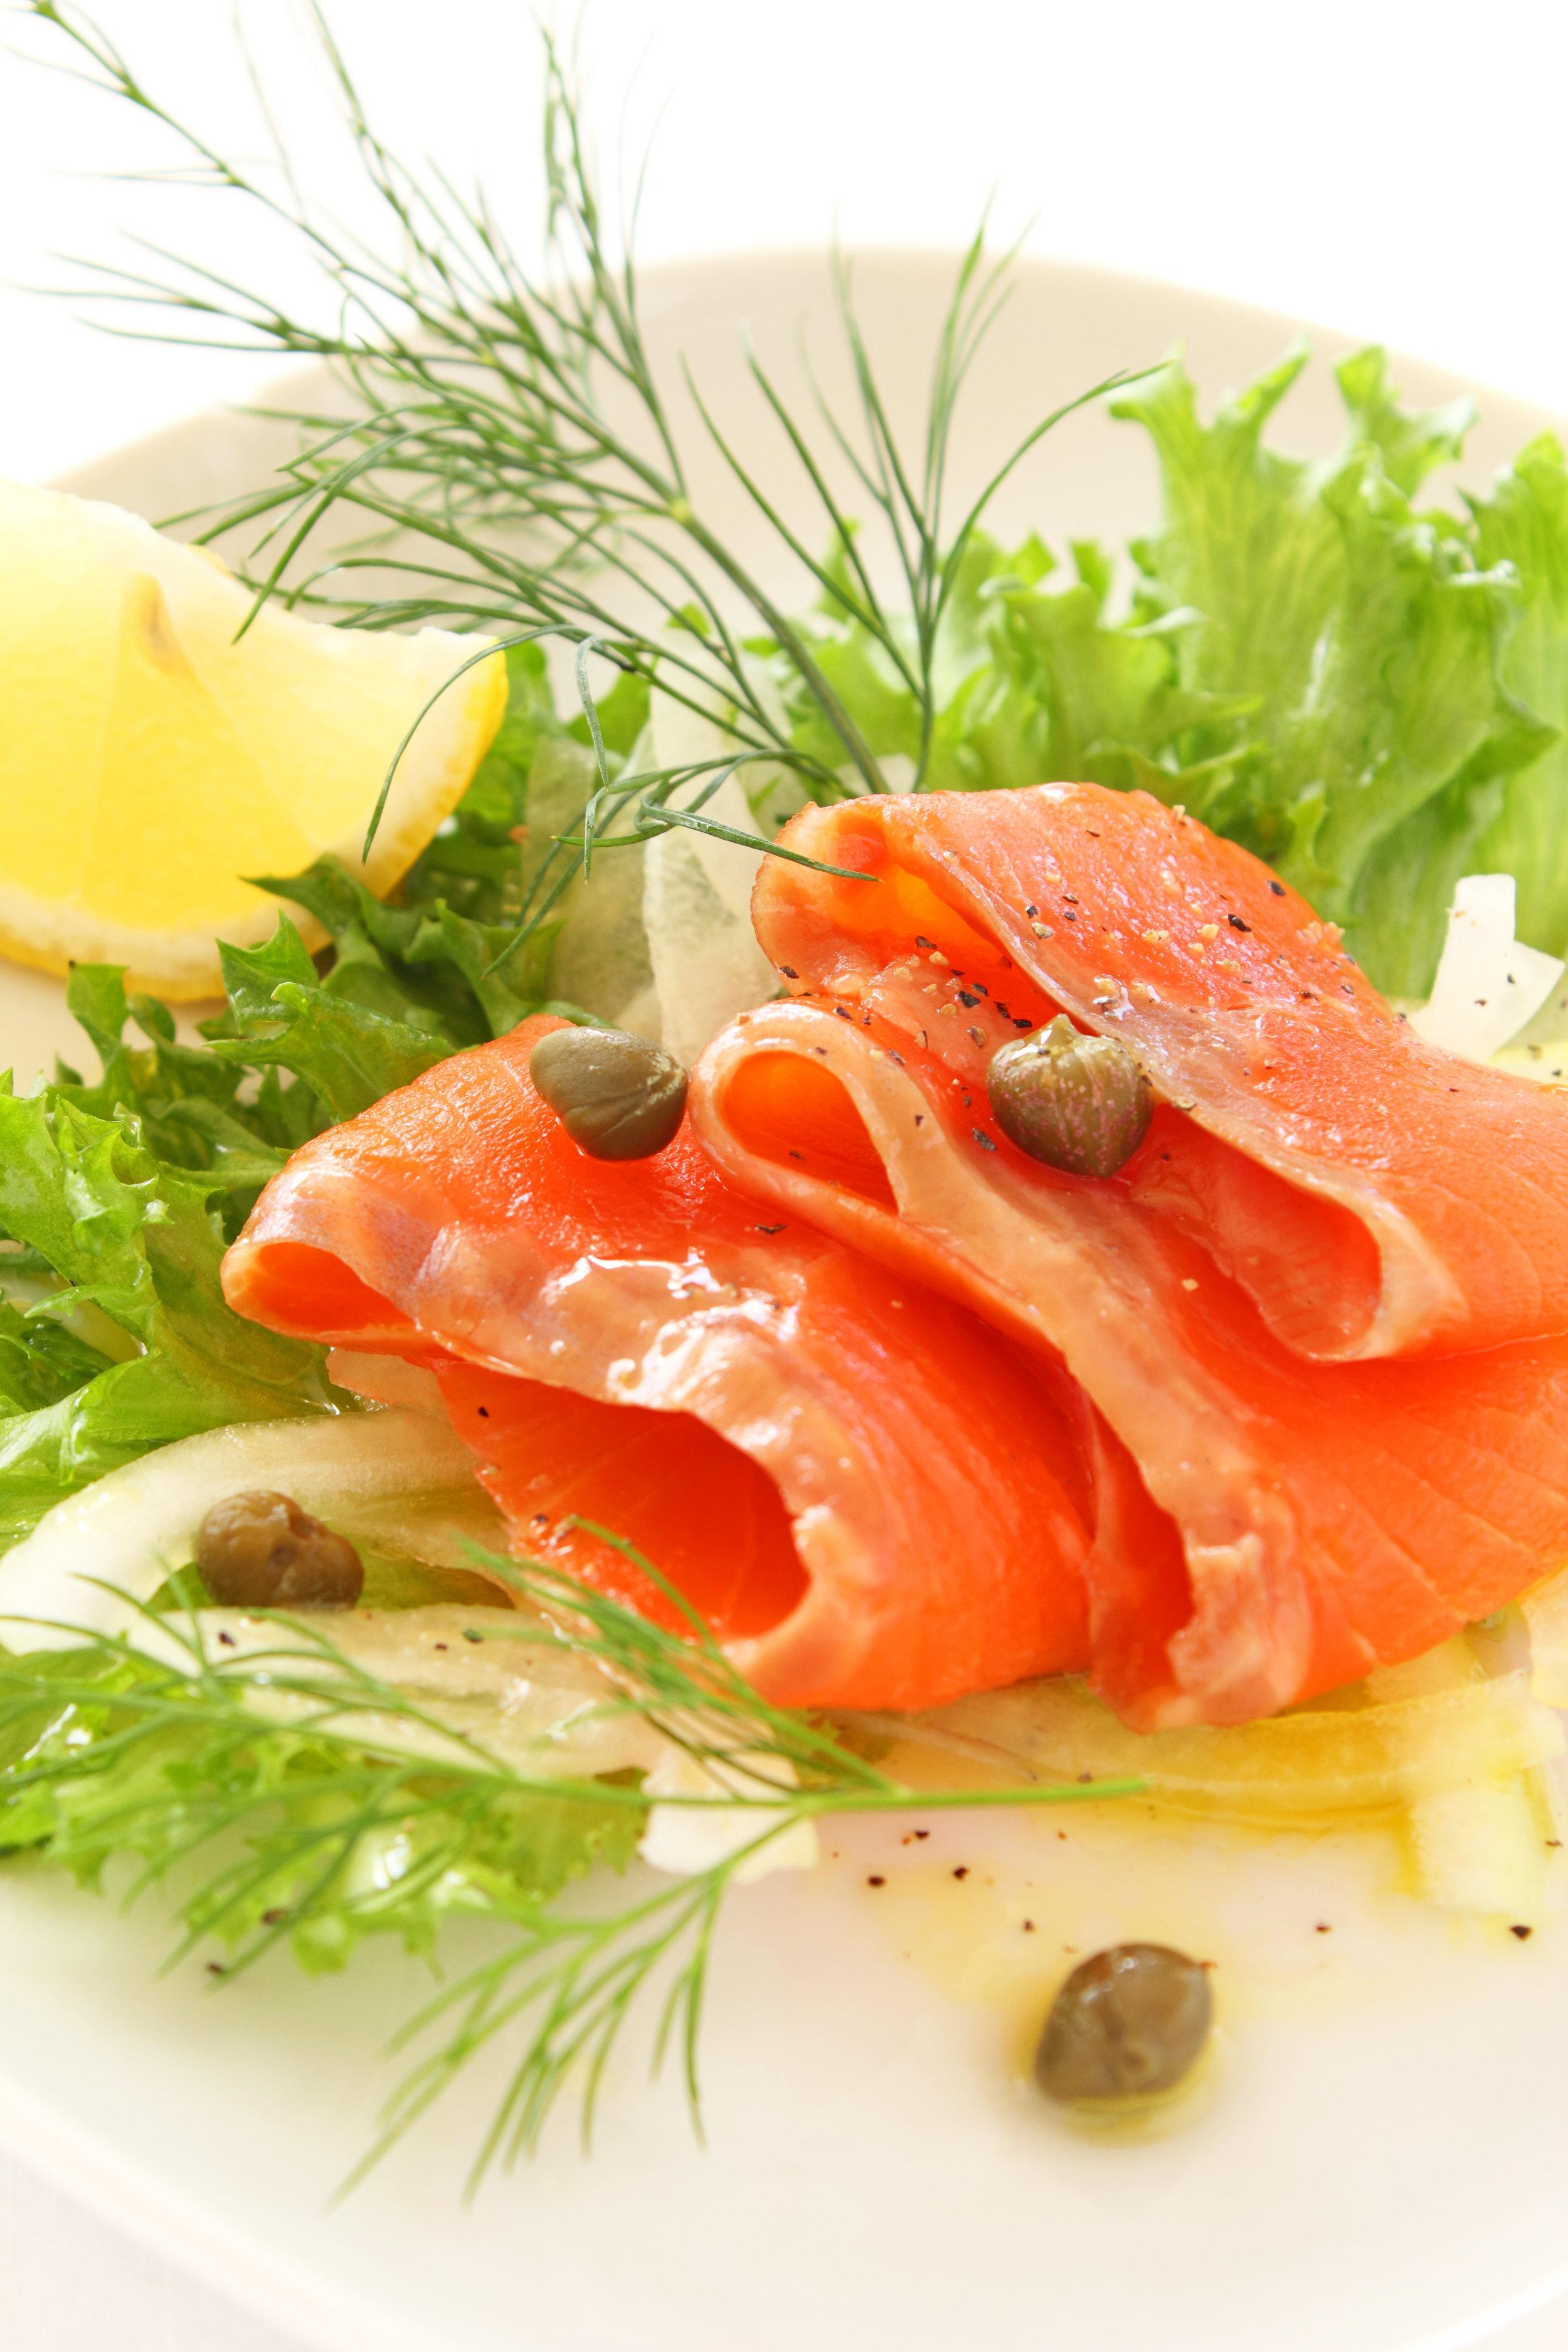 Smoked Salmon Styled.jpeg